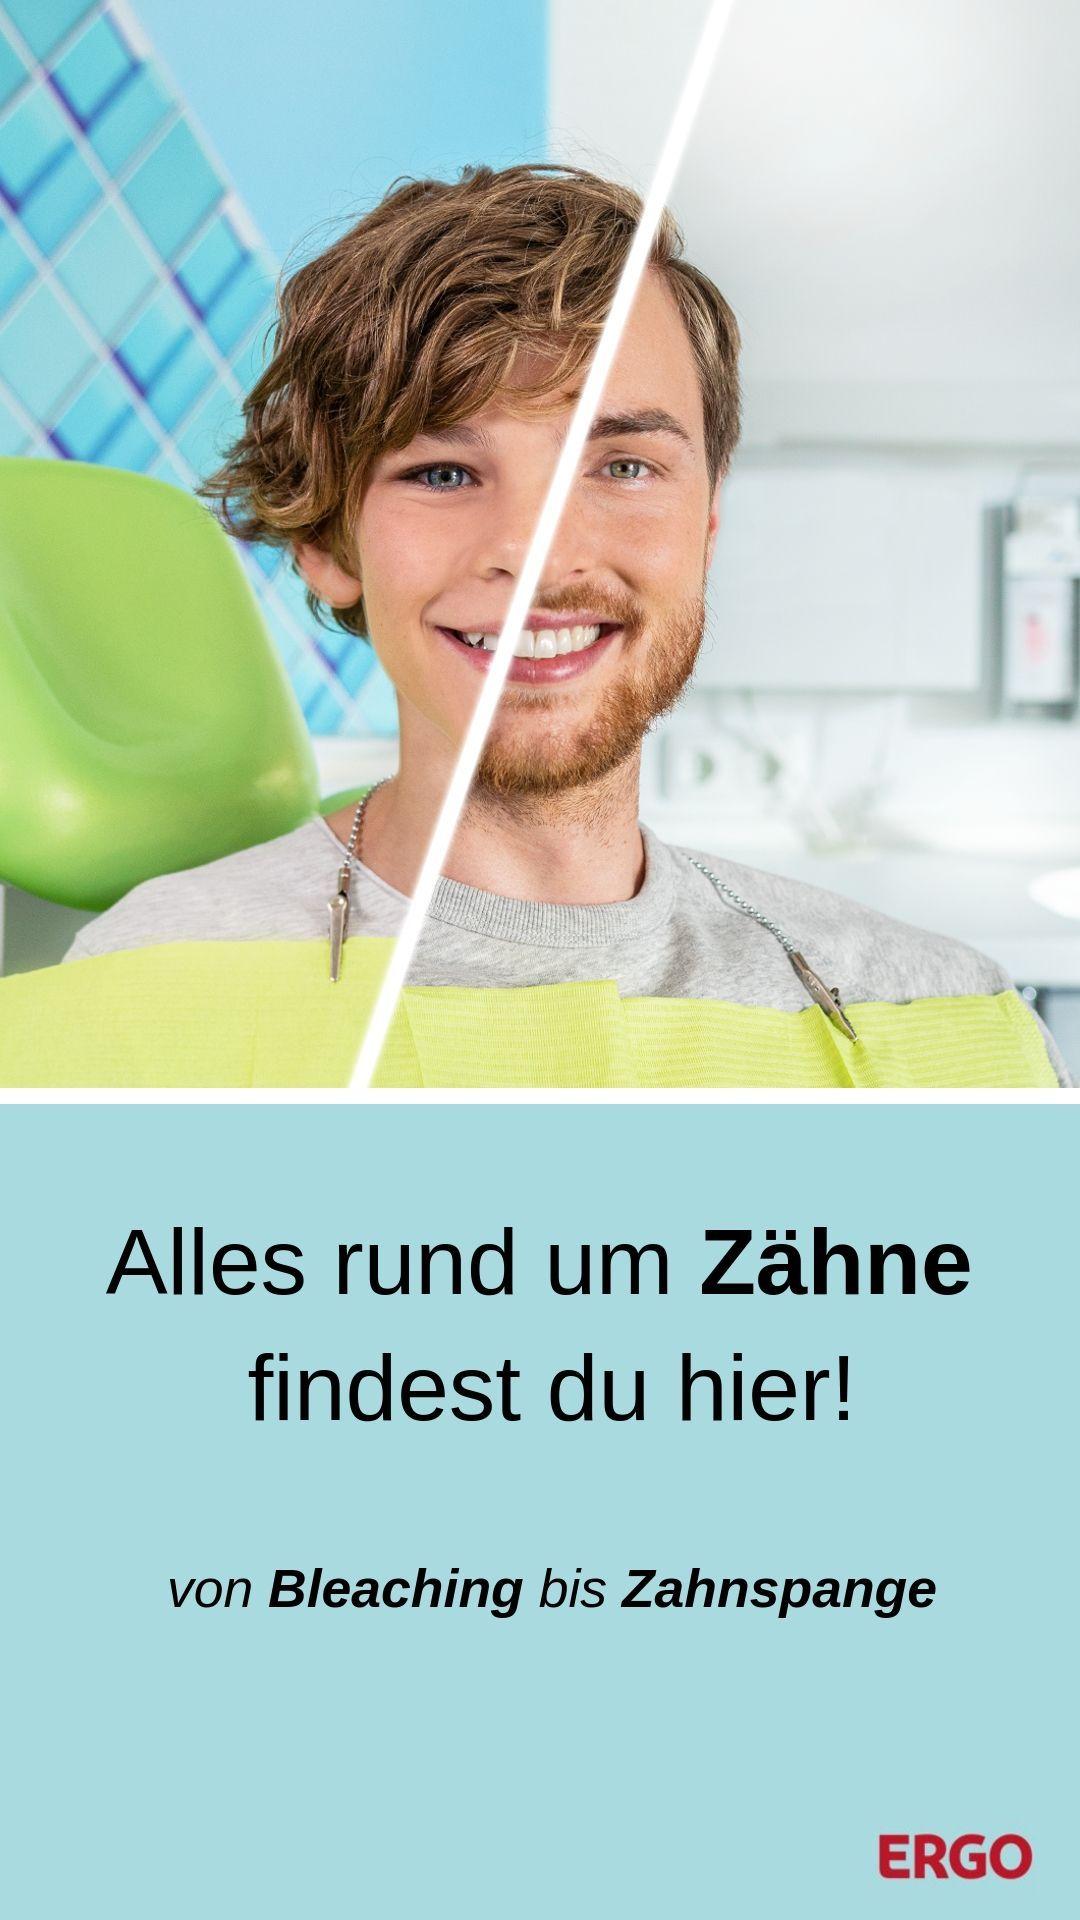 Einfach Sorglos Ergo Zahnversicherung Ergo Blog Zahne Gesundheit Zahnspange